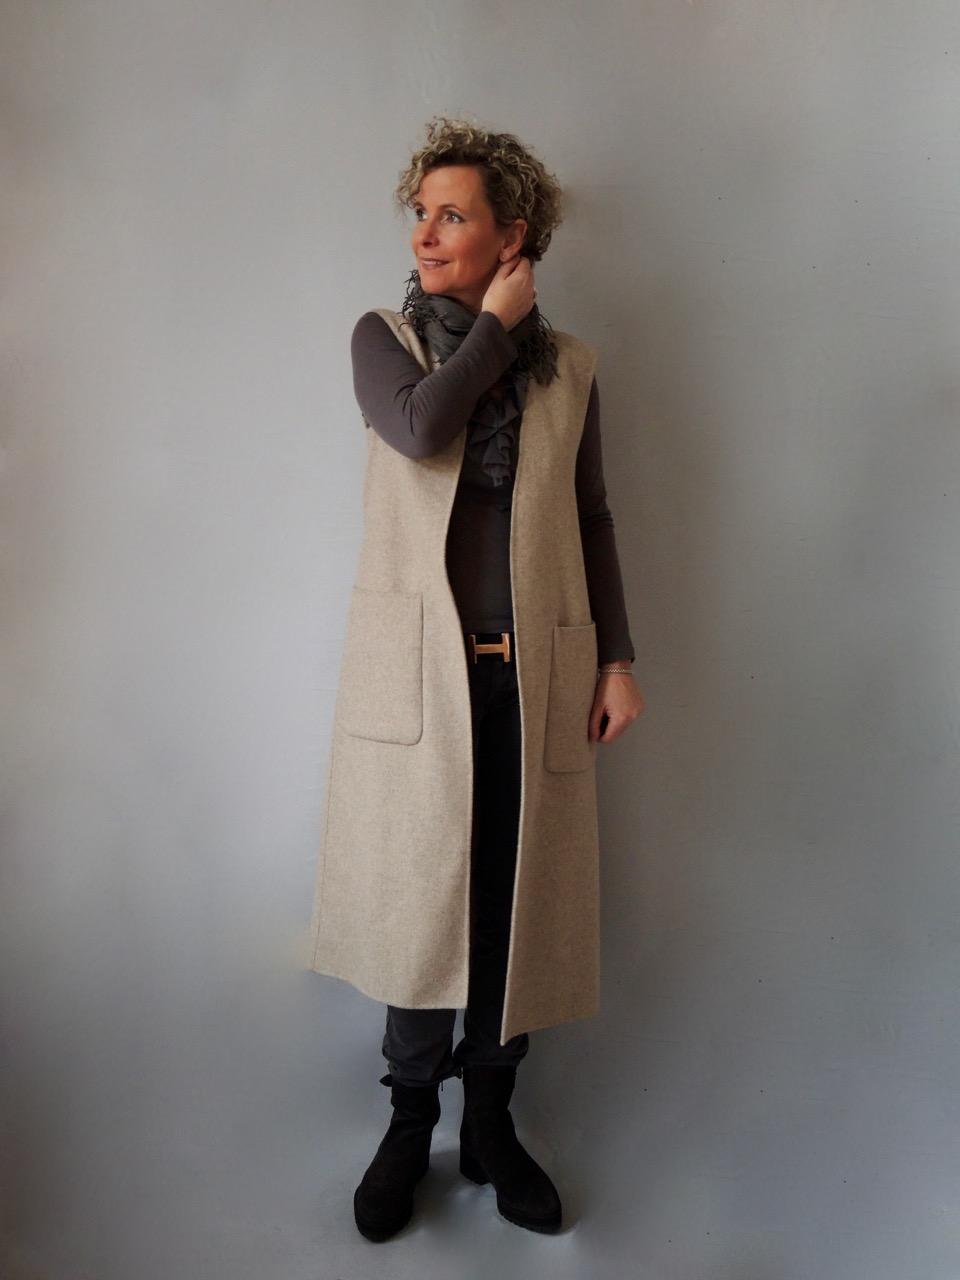 new styles 230d0 0e35c Lange Westen oder ärmellose Mäntel - women2style